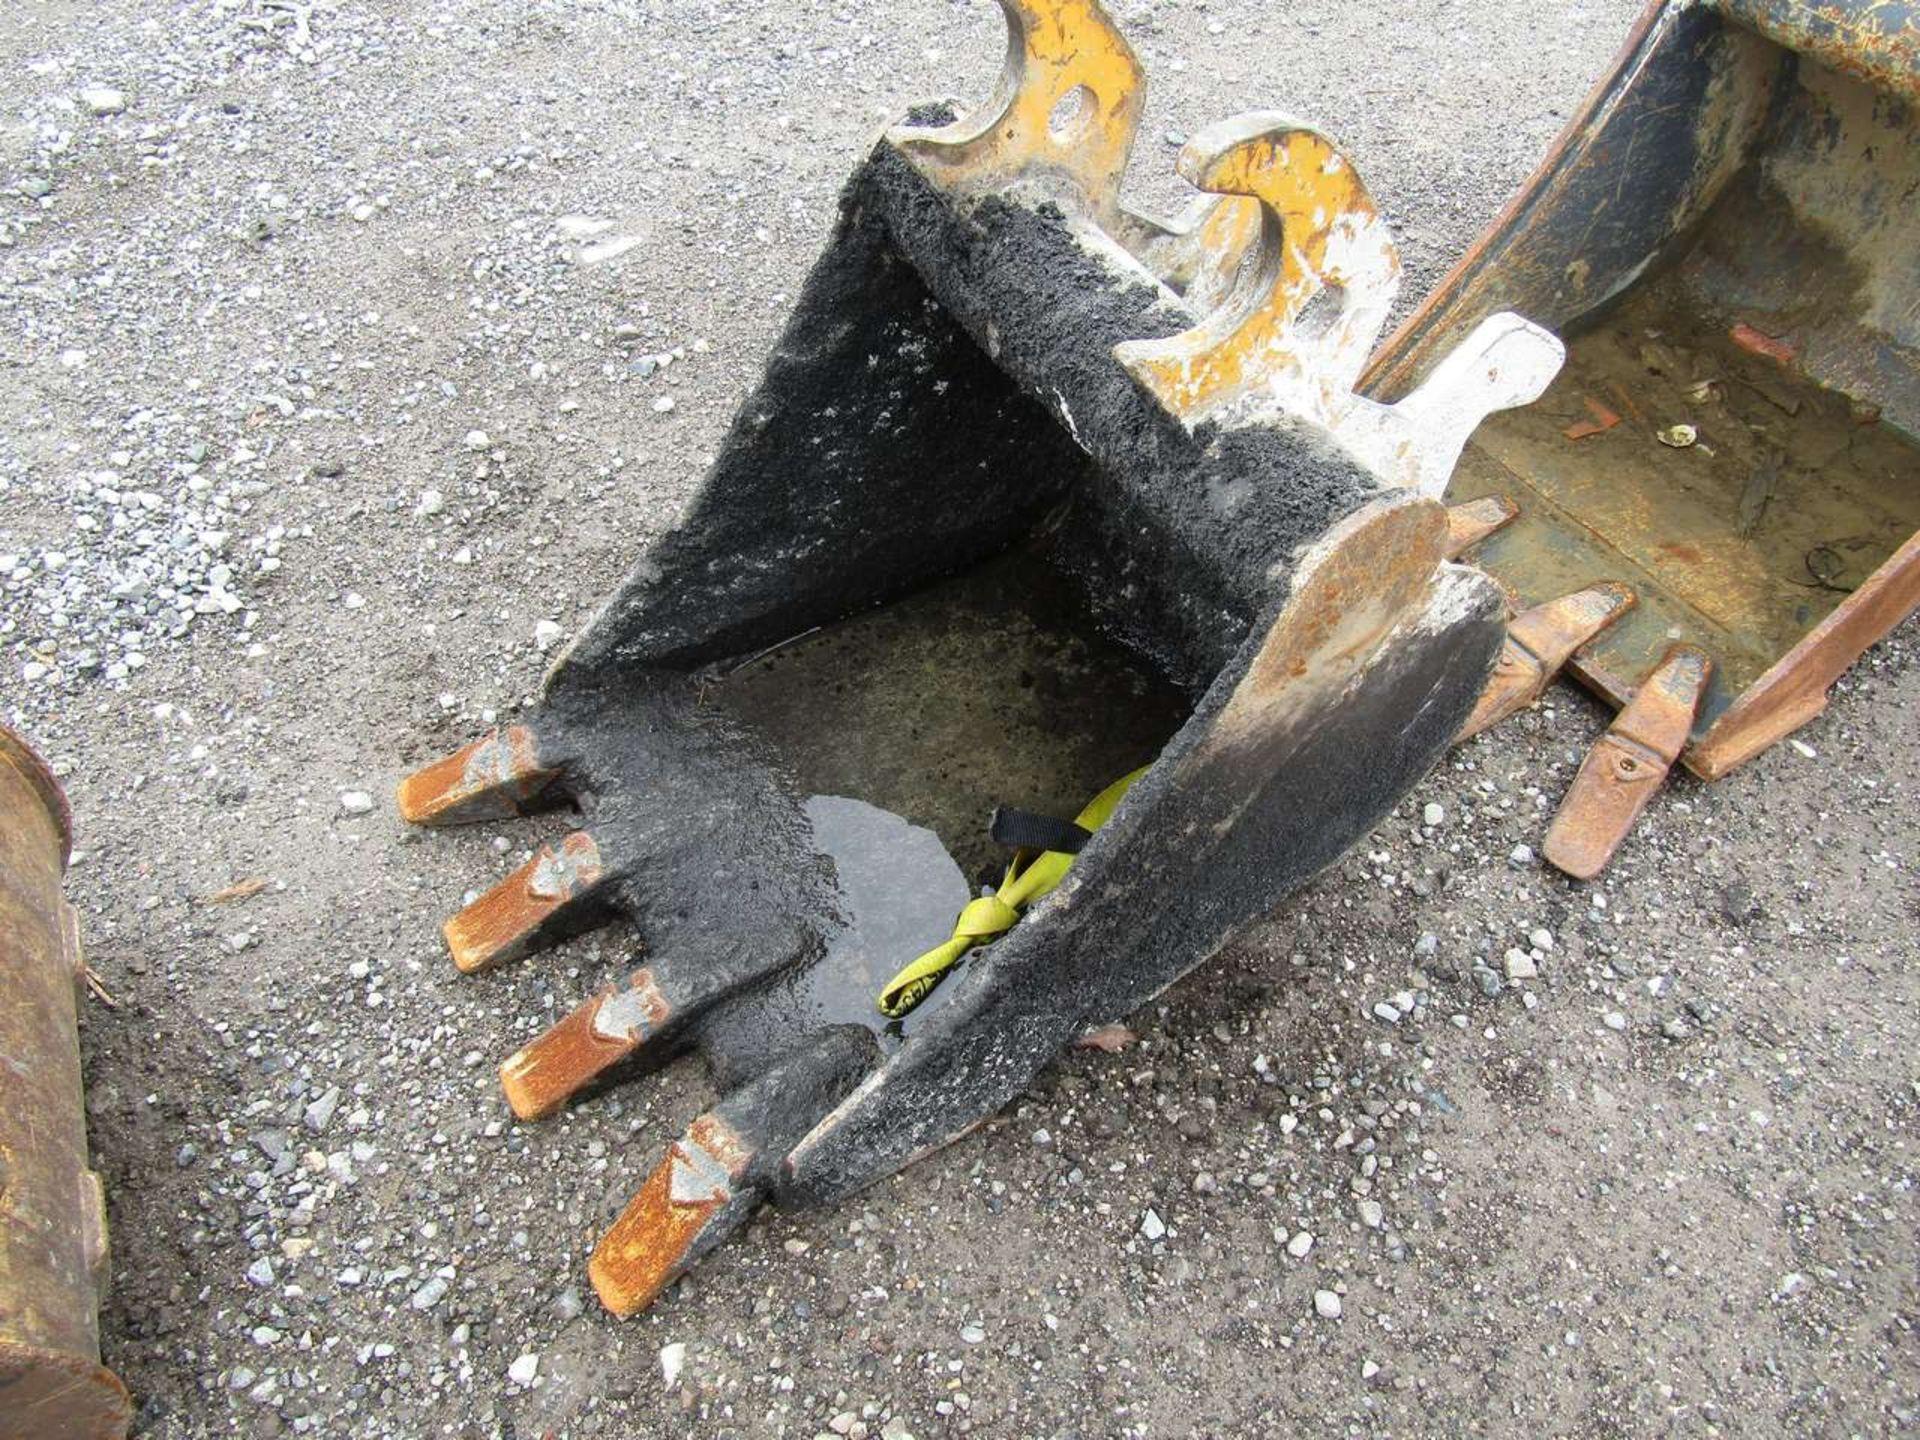 Lot 571 - Excavator Bucket